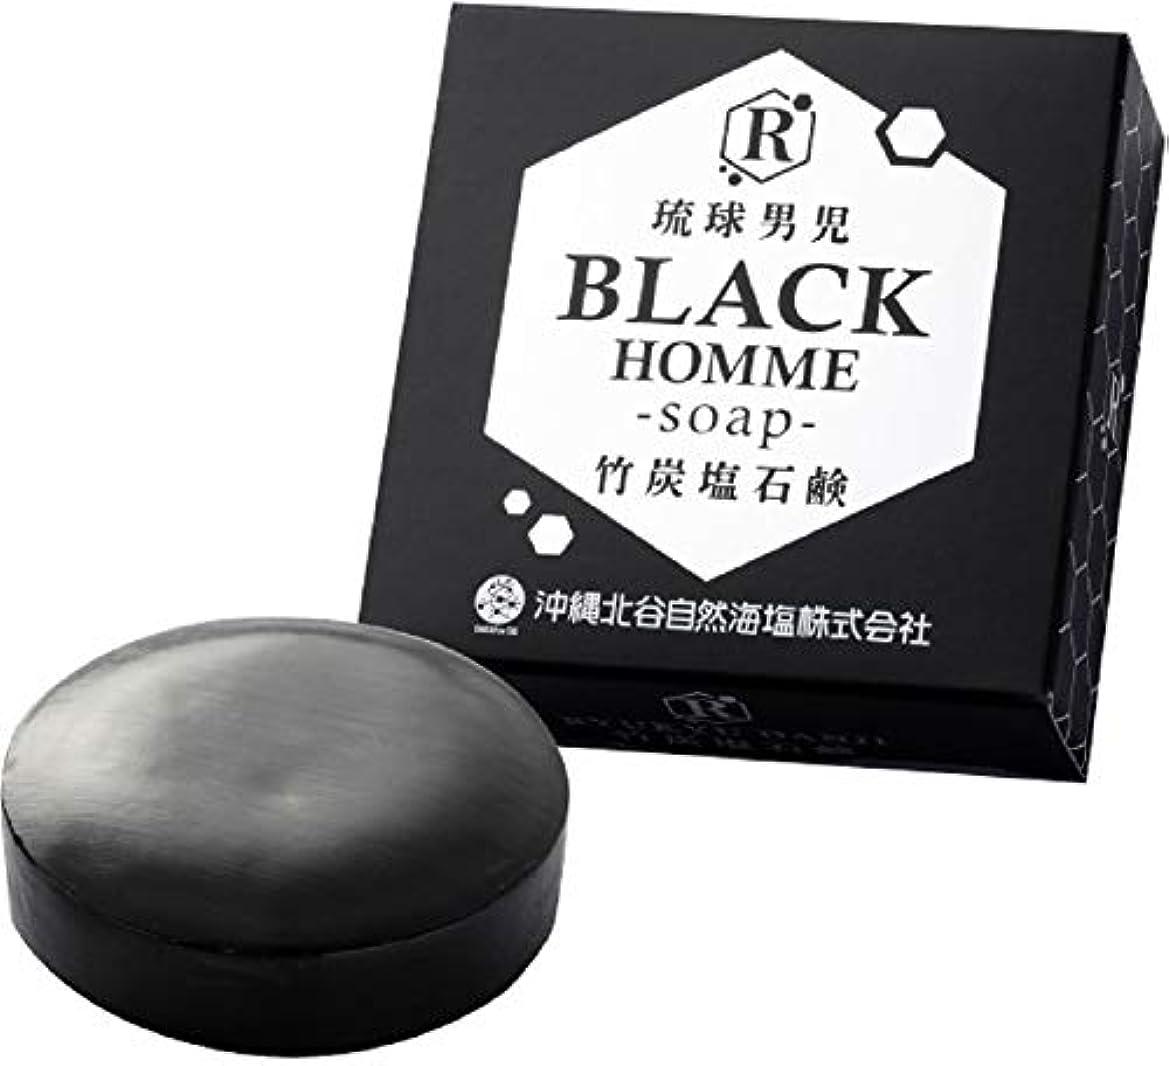 報酬の適応する真空【3個セット】琉球男児 竹炭塩石鹸 BLACK HOMME-soap- 60g 泡立てネット付き